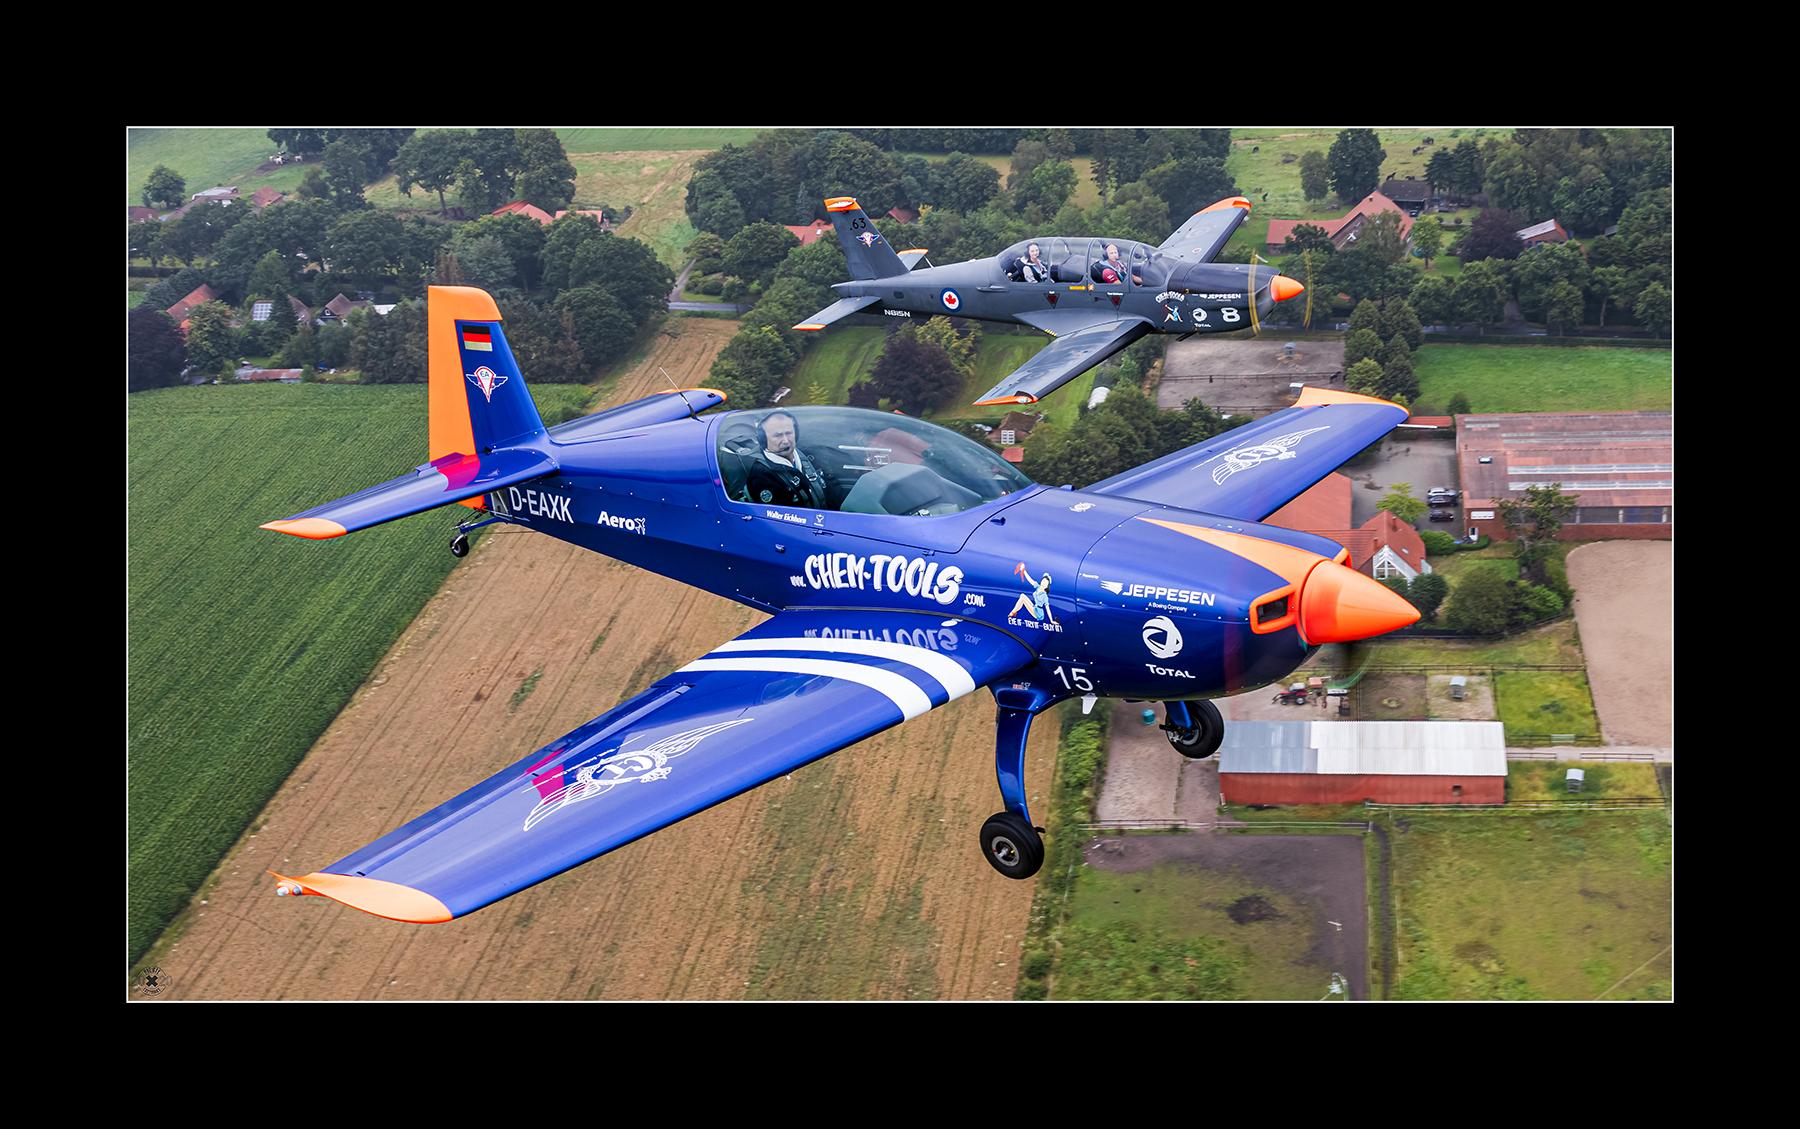 Air2air mit den Eichhörner, Extra 300.